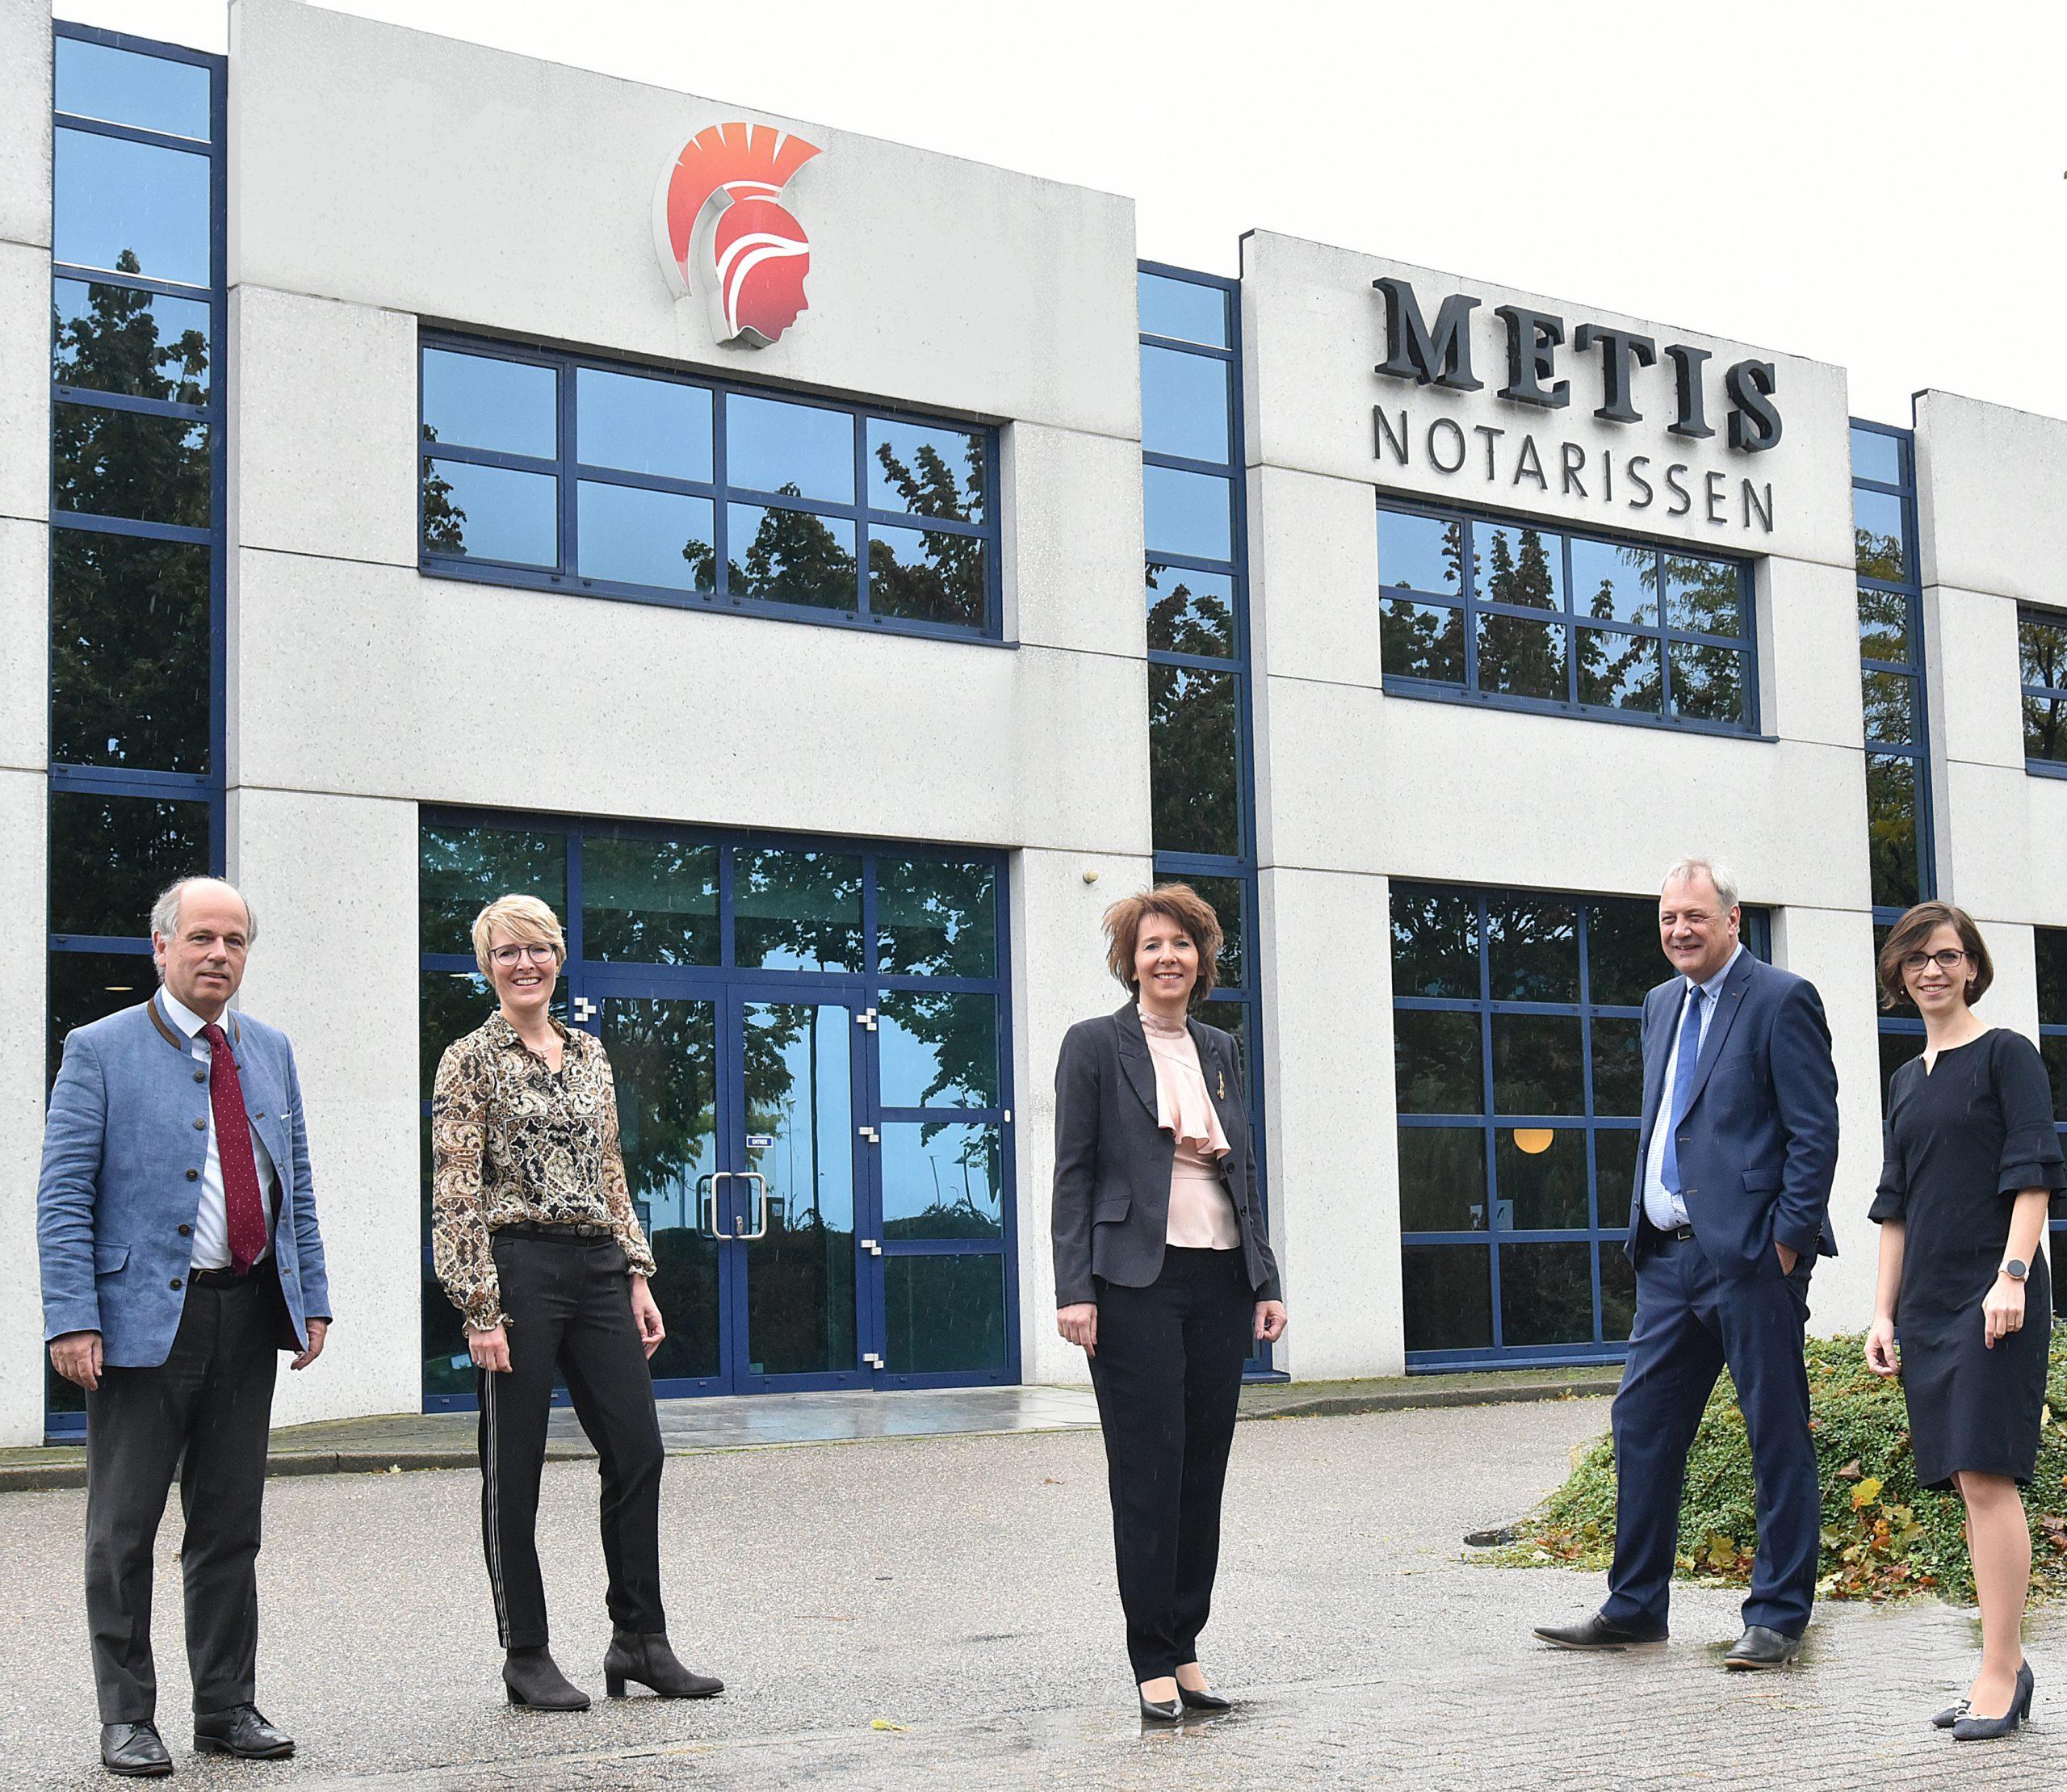 Team_Metis_Notarissen